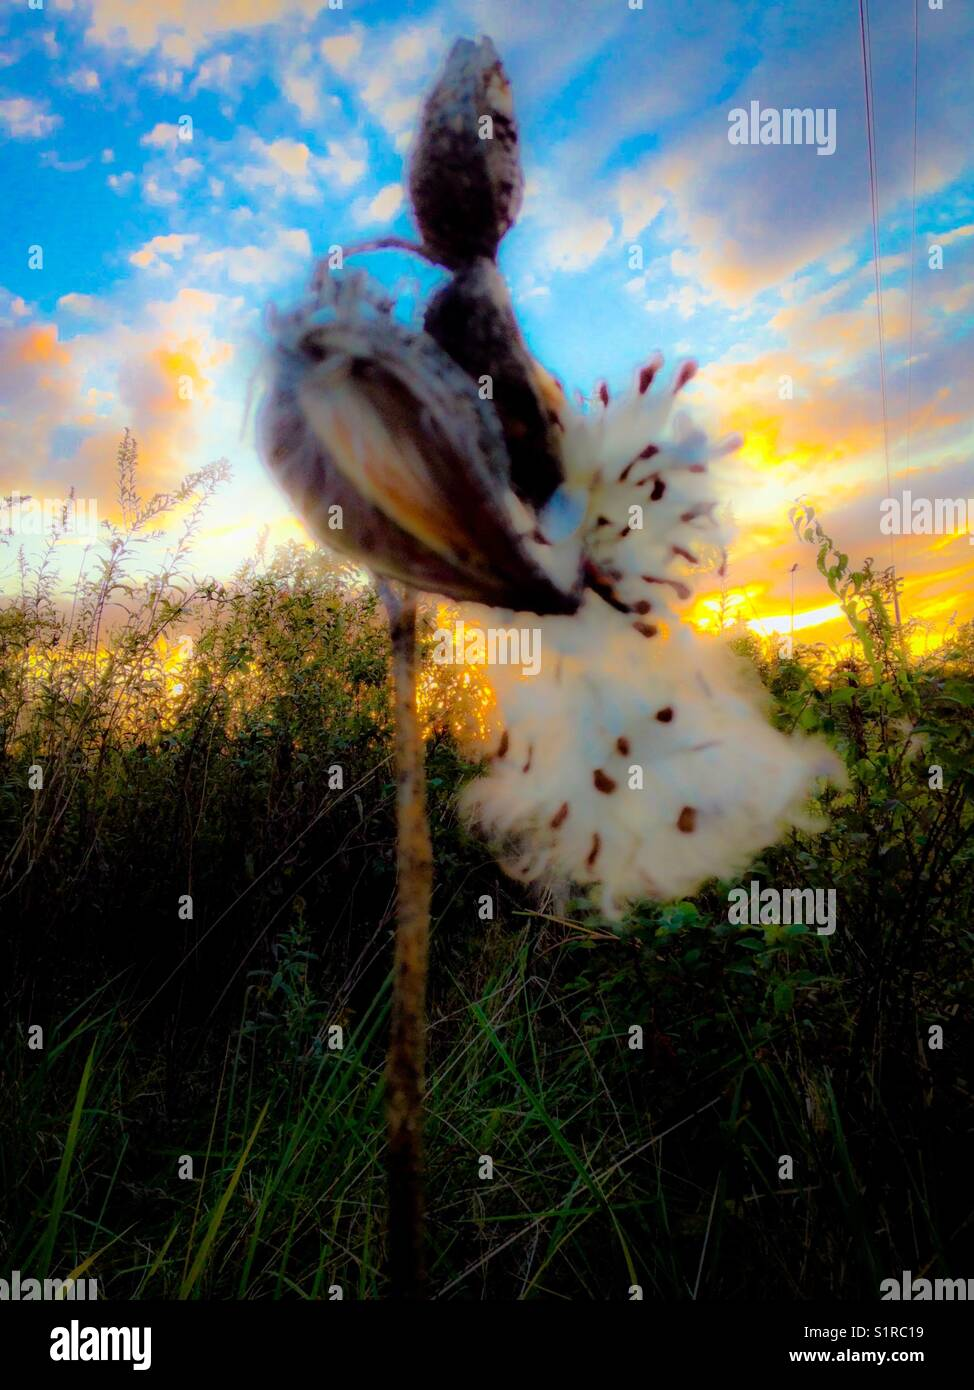 Milkweed fluff - Stock Image